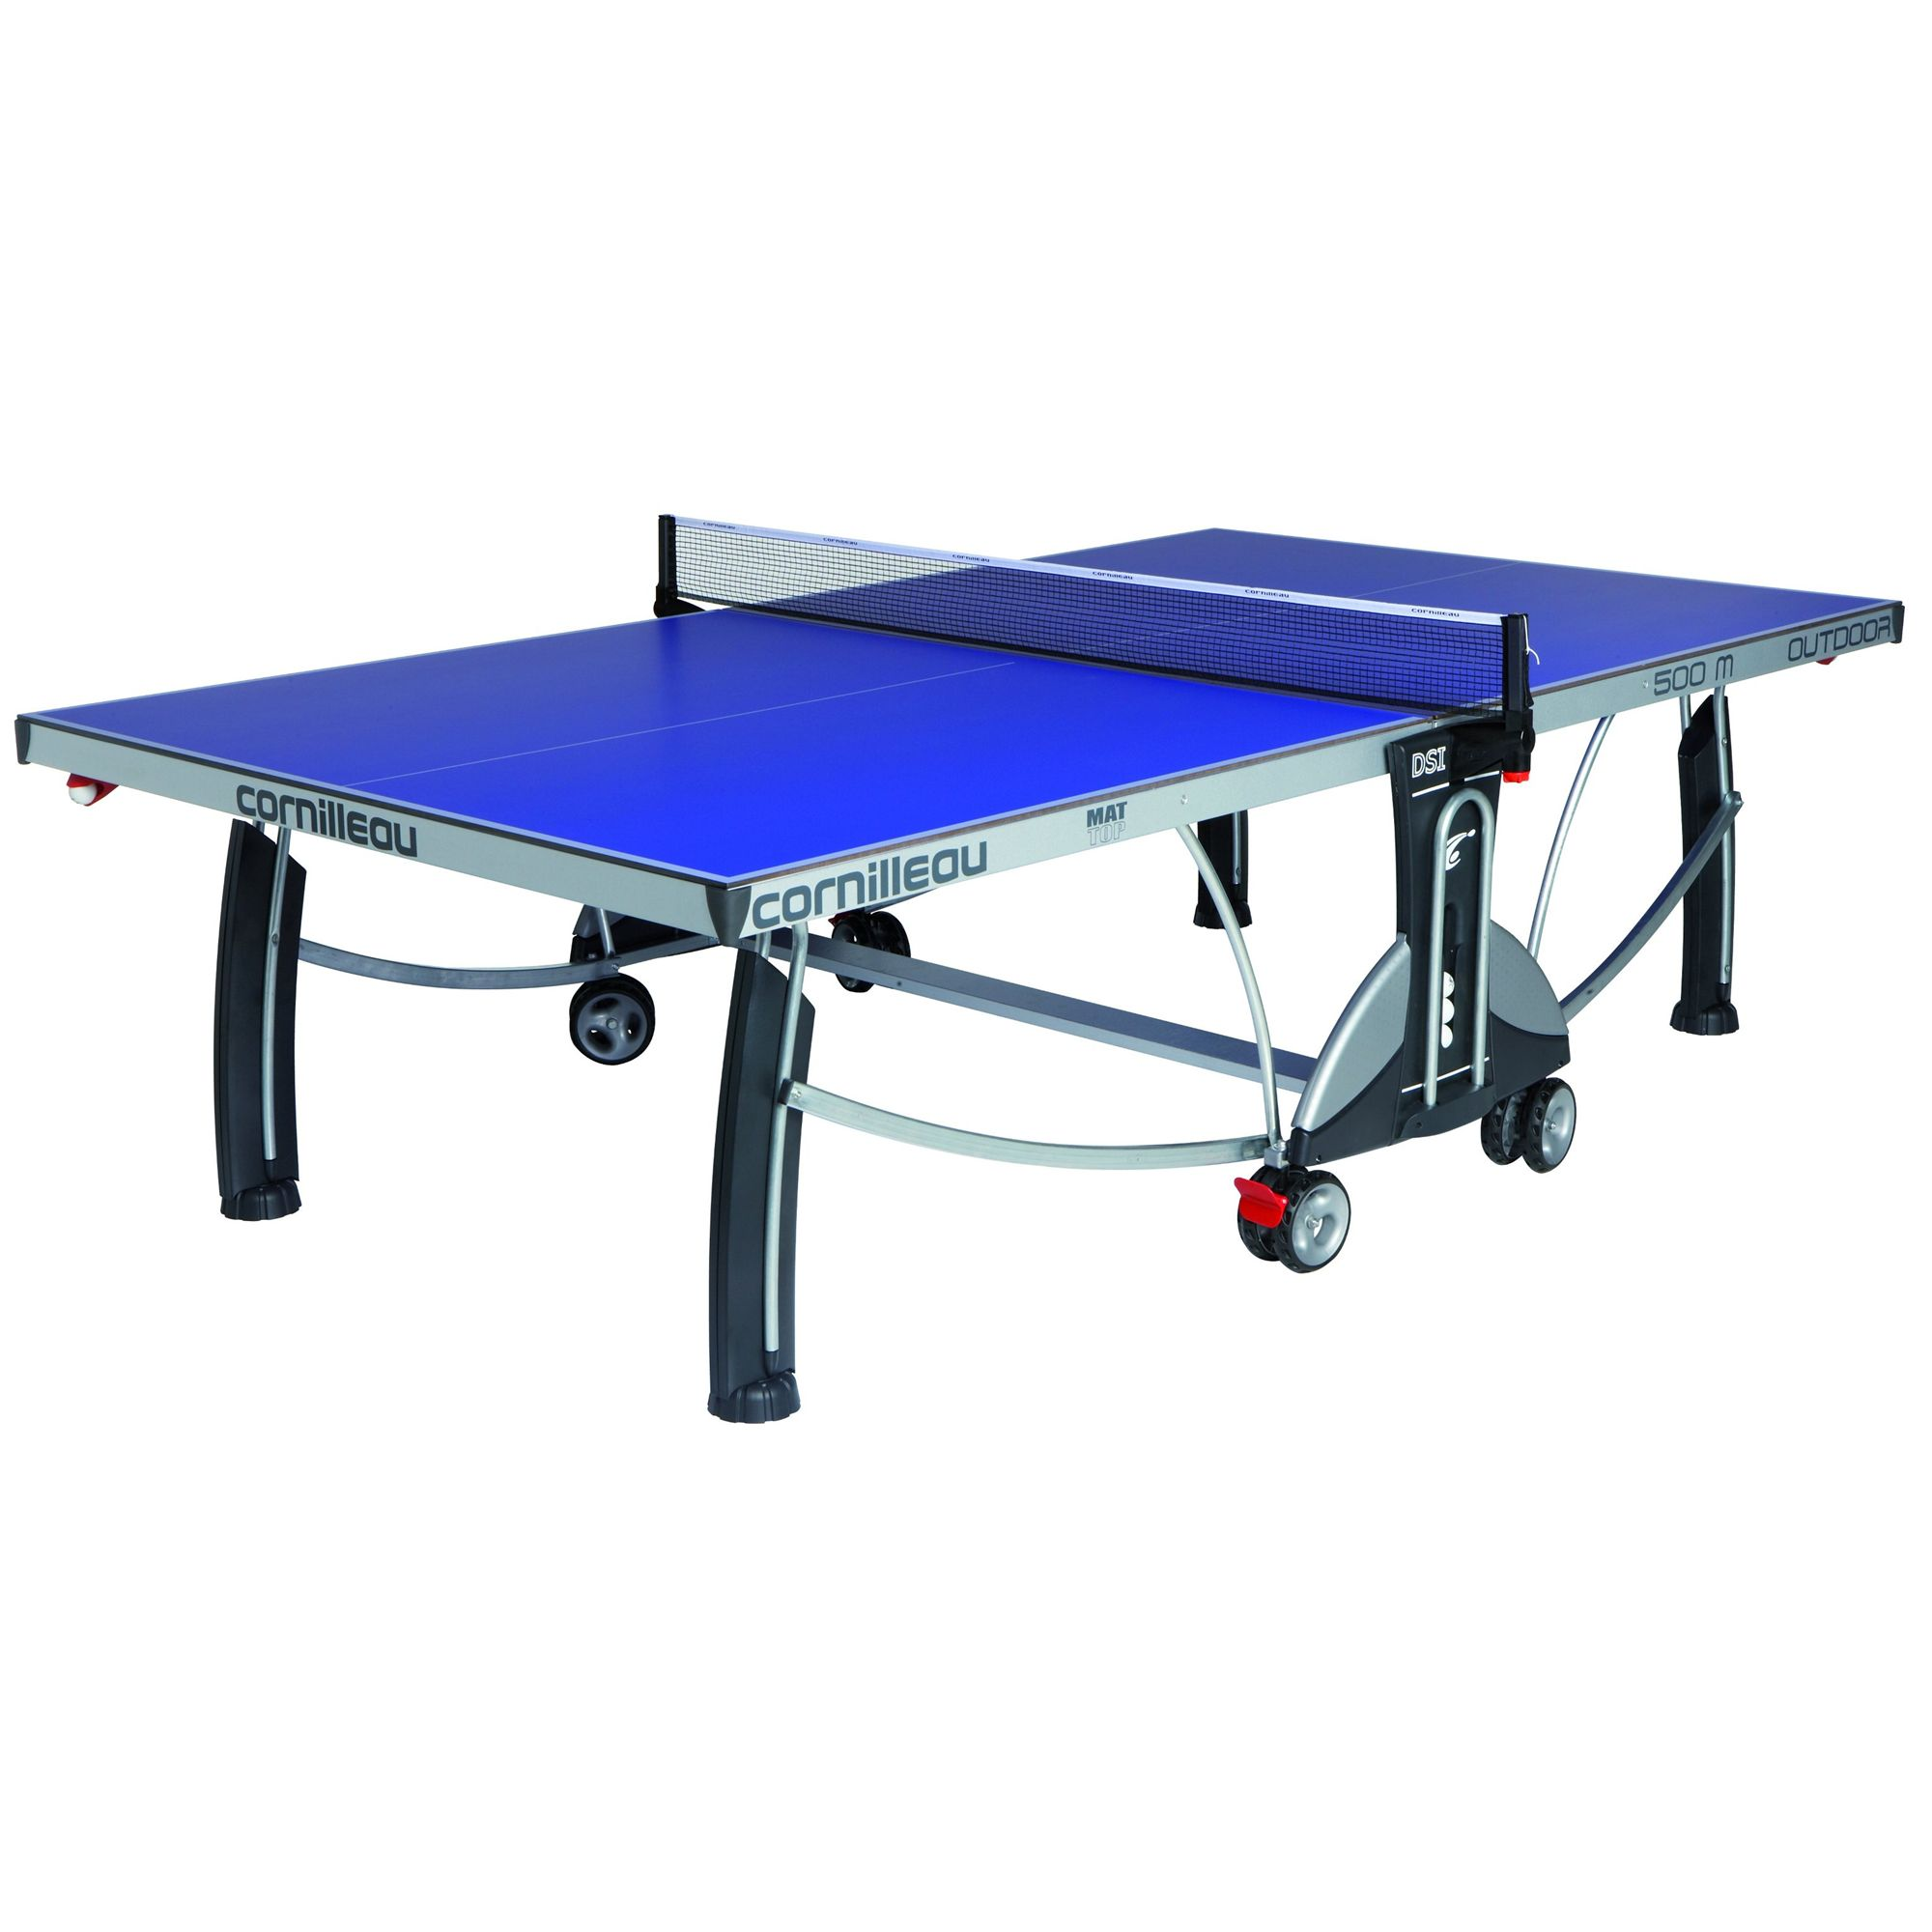 Cornilleau sport 500m rollaway 7mm outdoor table tennis table - Weatherproof table tennis table ...